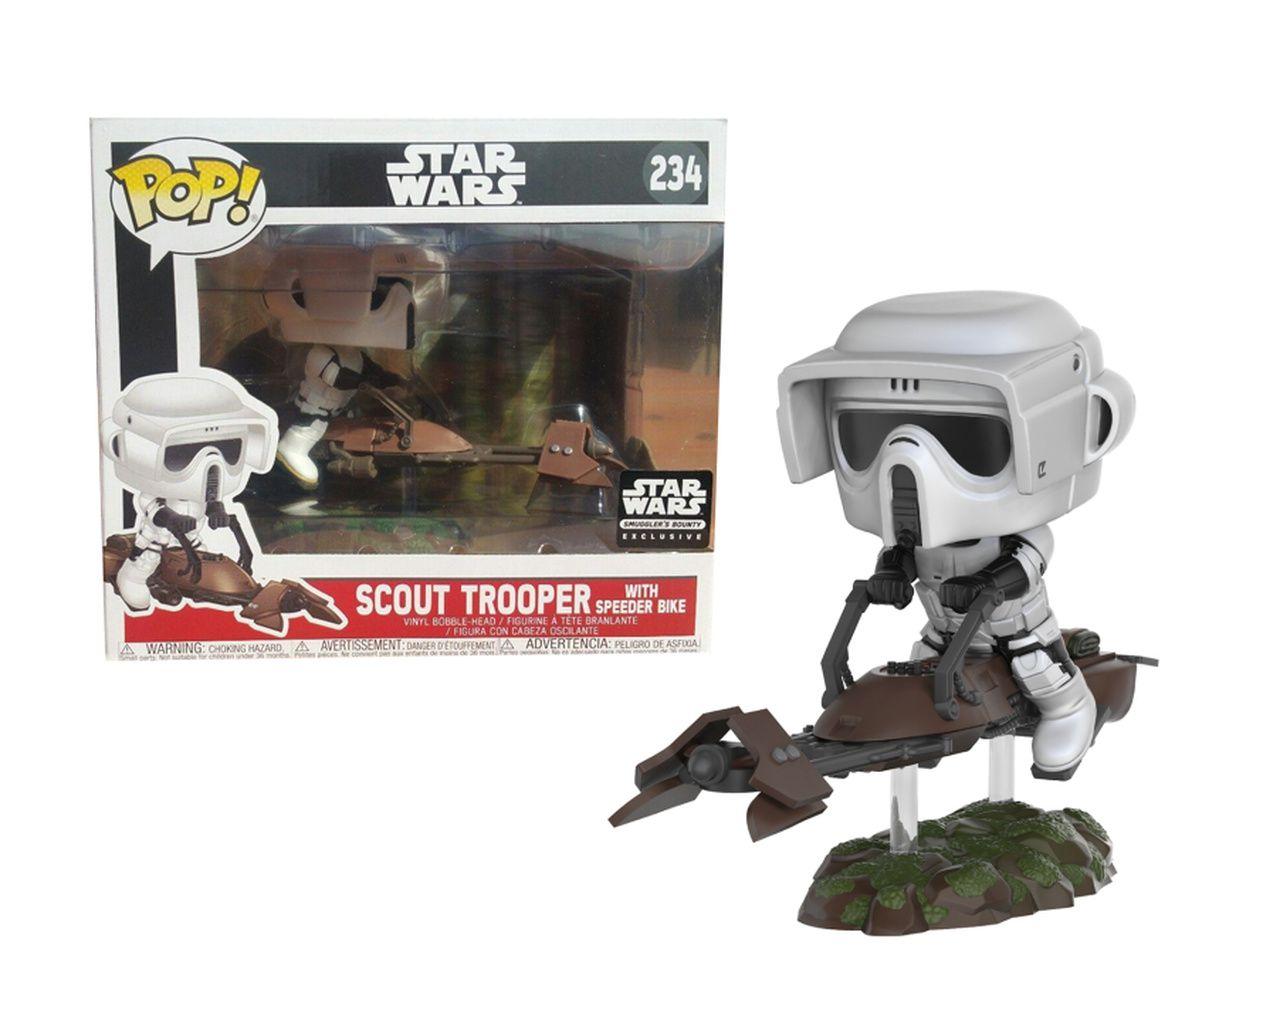 Pop! Scout Trooper (with Speeder Bike): Star Wars (Exclusivo) #234 - Funko